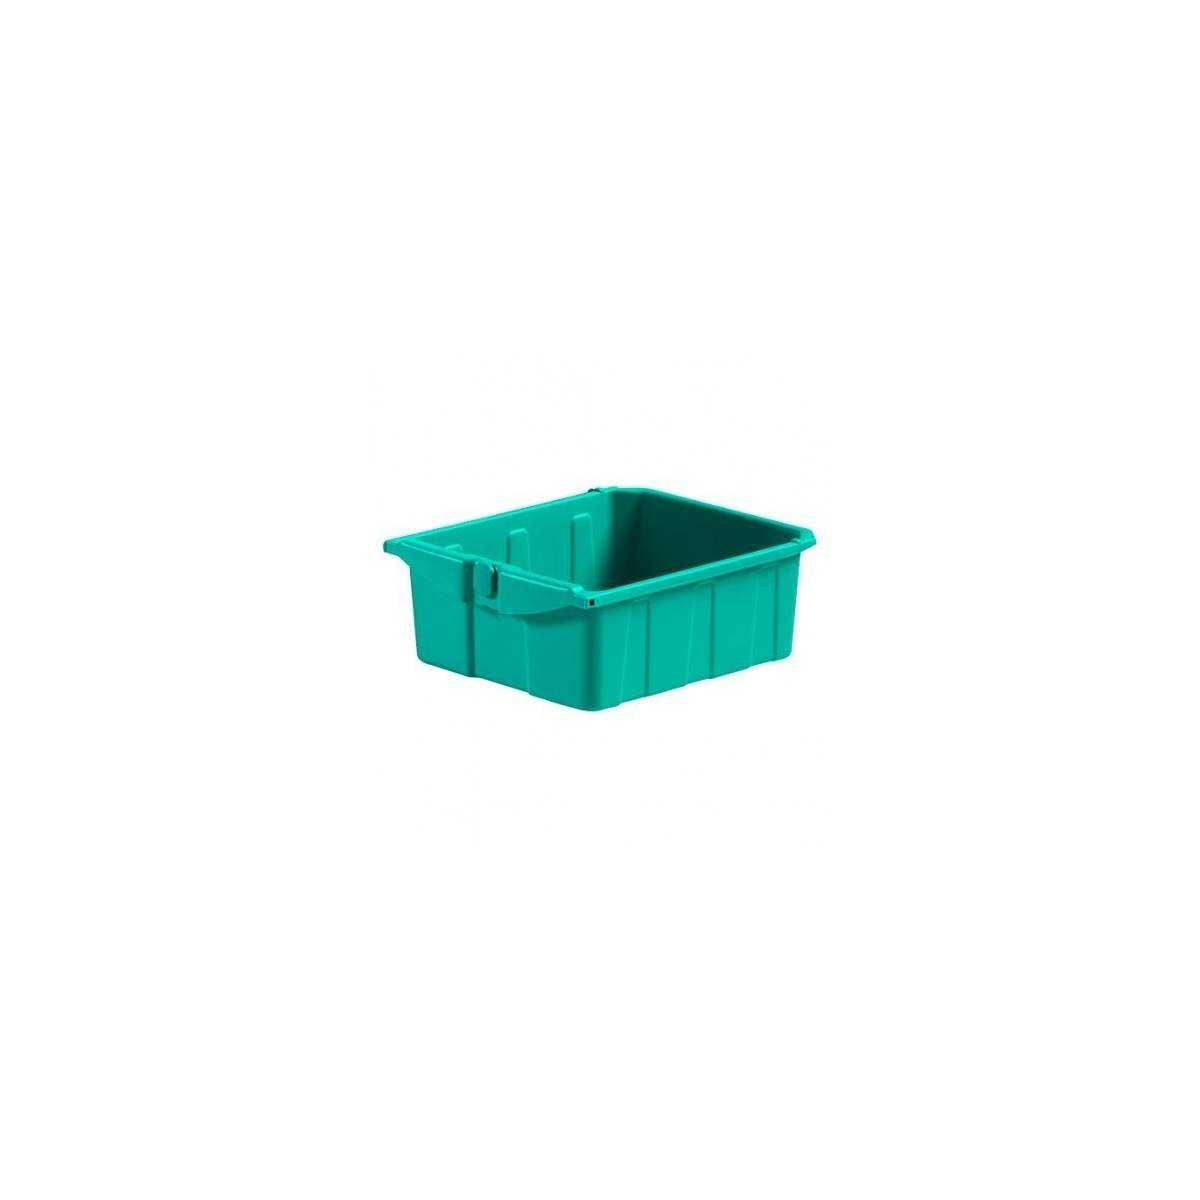 Ящик пластмассовый без замка 22л (T090781) T090781 TTS